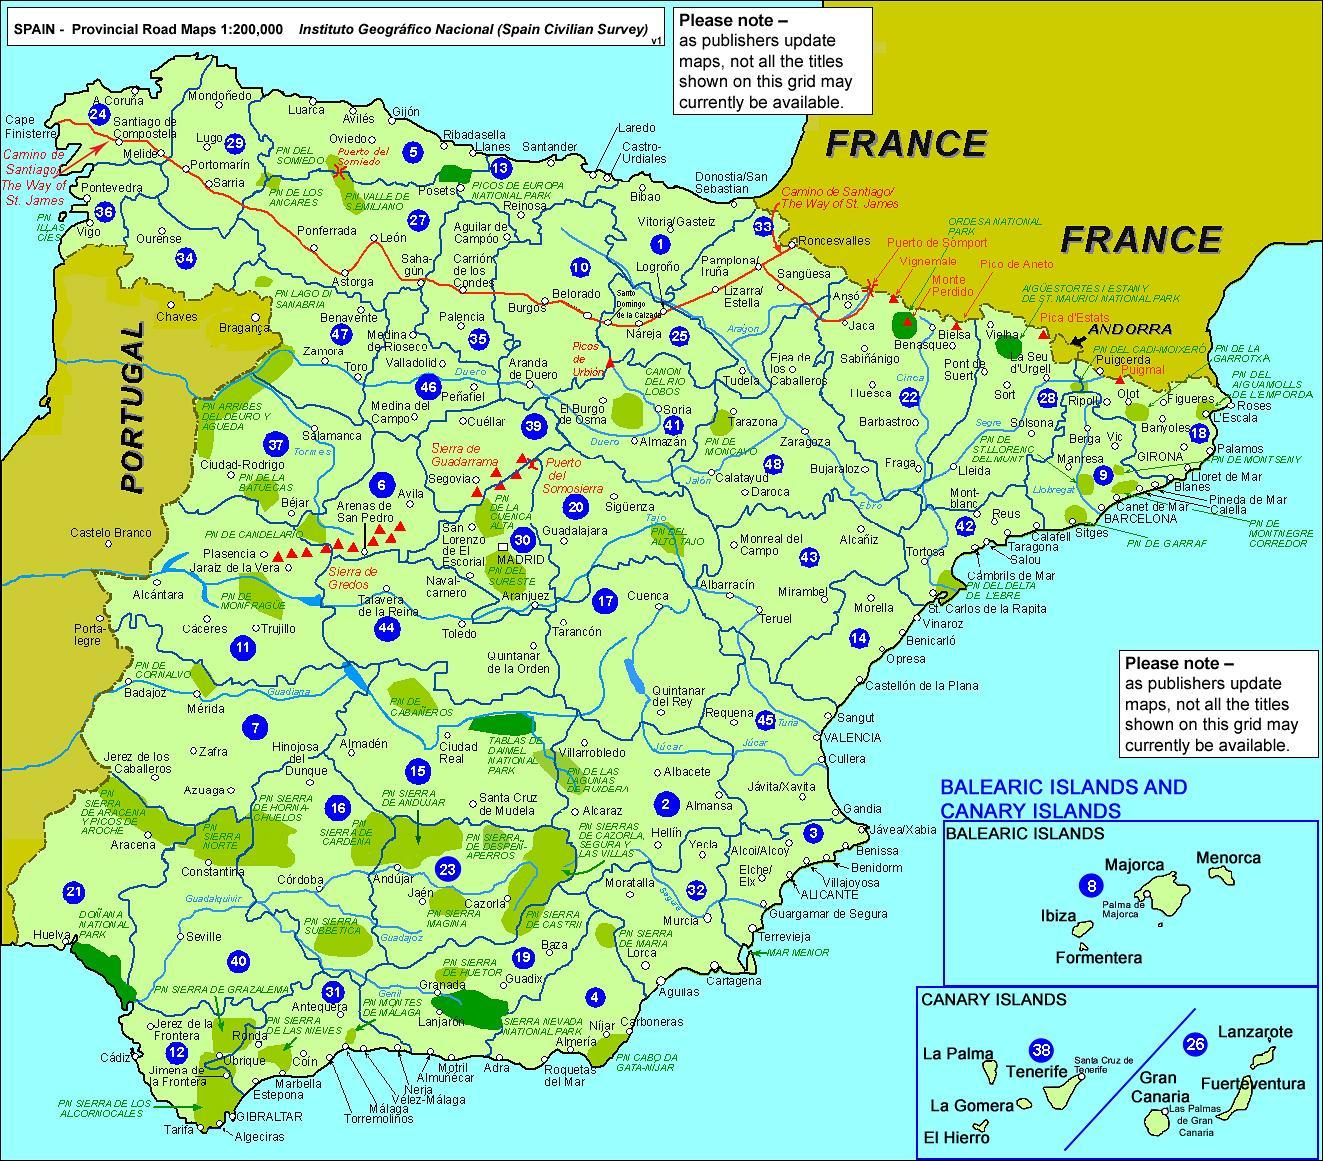 Cartina Della Spagna Del Sud.Mappa Della Spagna Cartina Della Spagna Continentale Europa Del Sud Europa